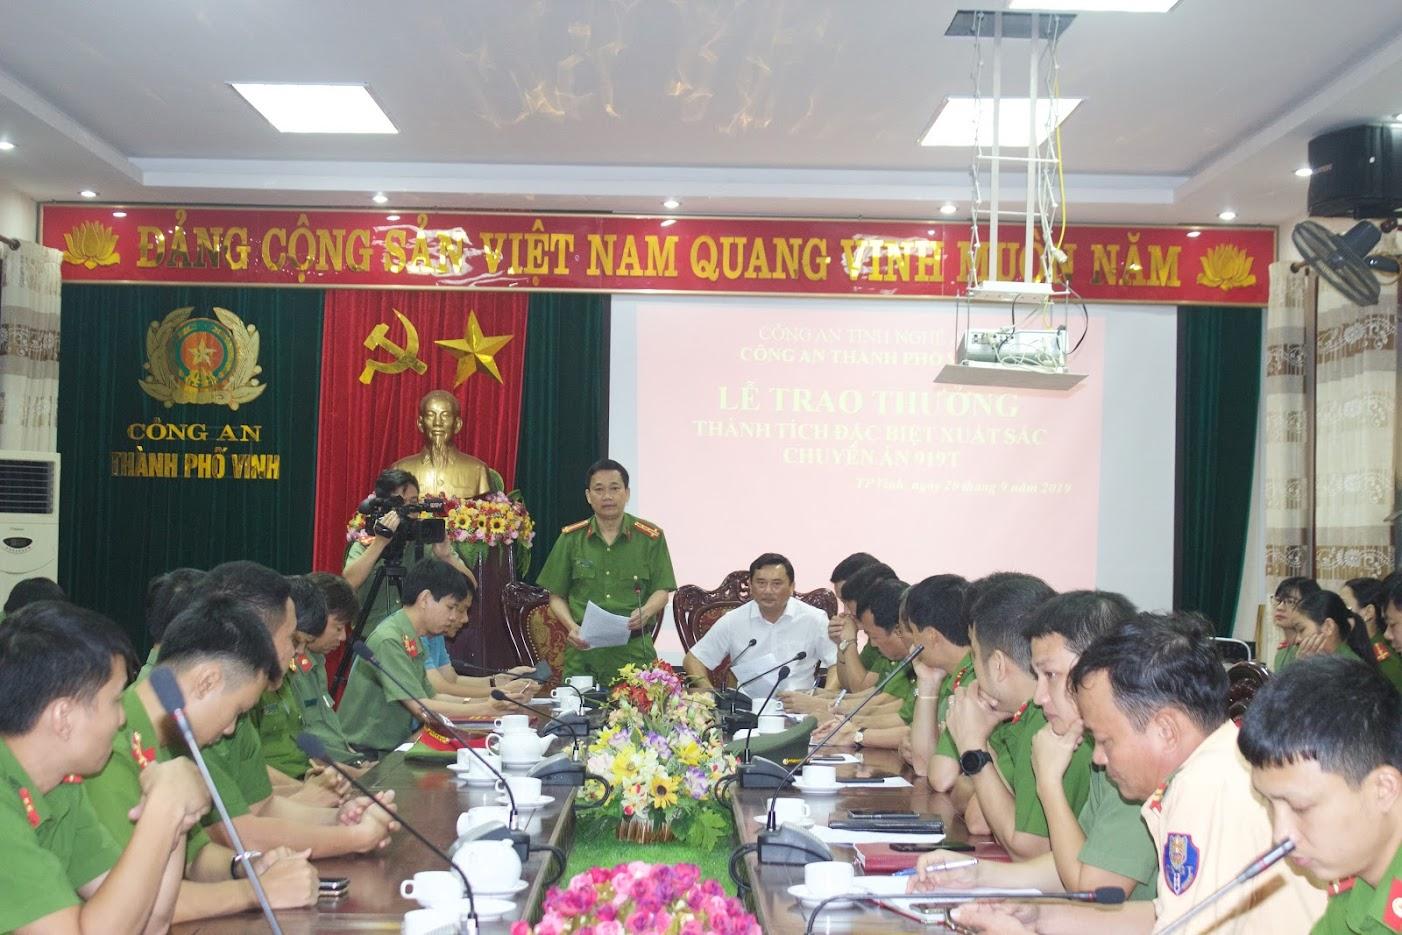 Đ/c Đại tá Nguyễn Mạnh Hùng, Phó Giám đốc Công an tỉnh phát biểu tại Lễ trao thưởng.